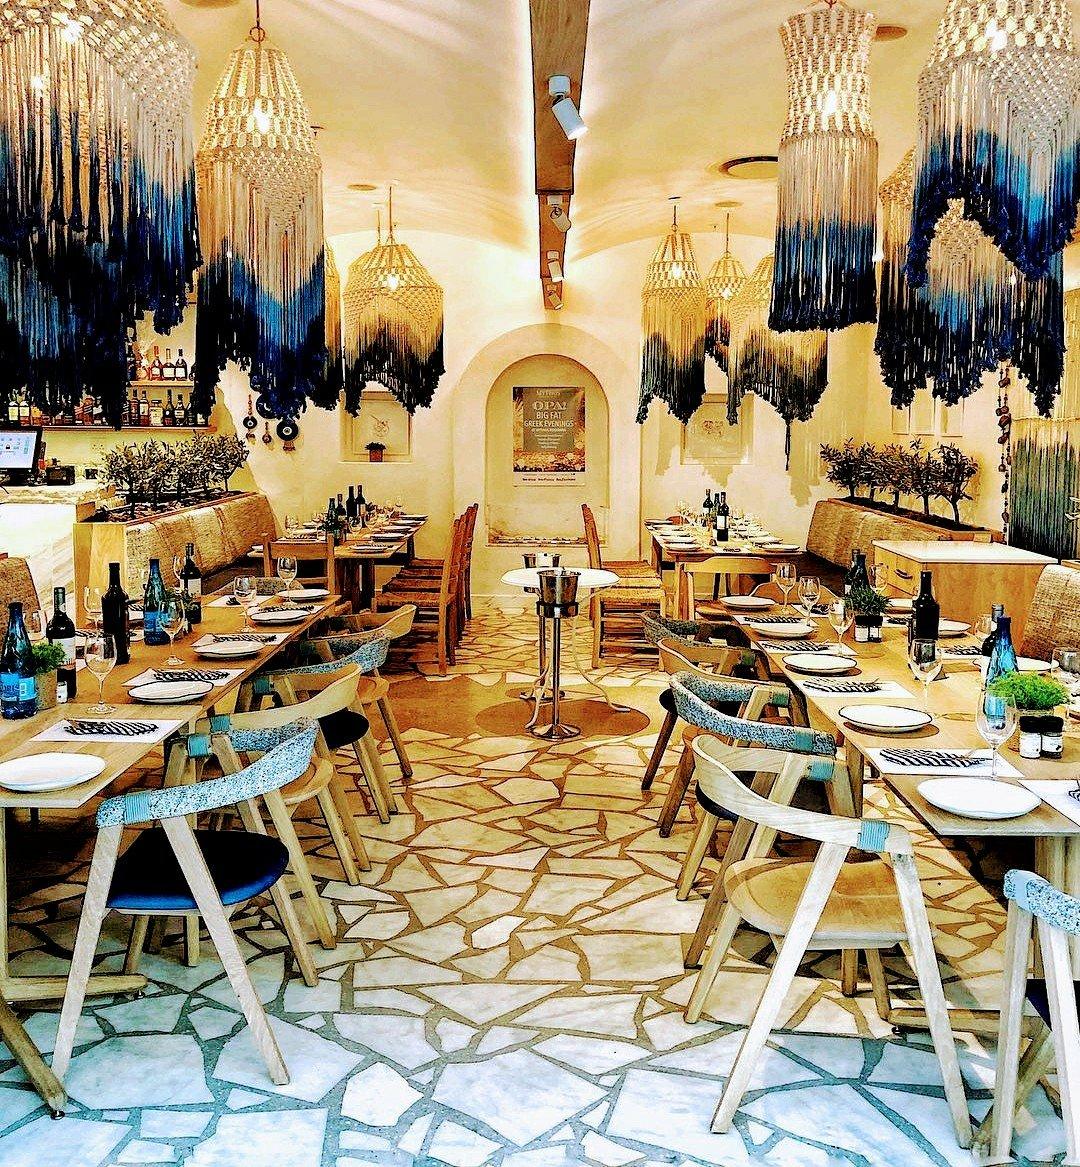 مدل های جدید میز و صندلی رستوران